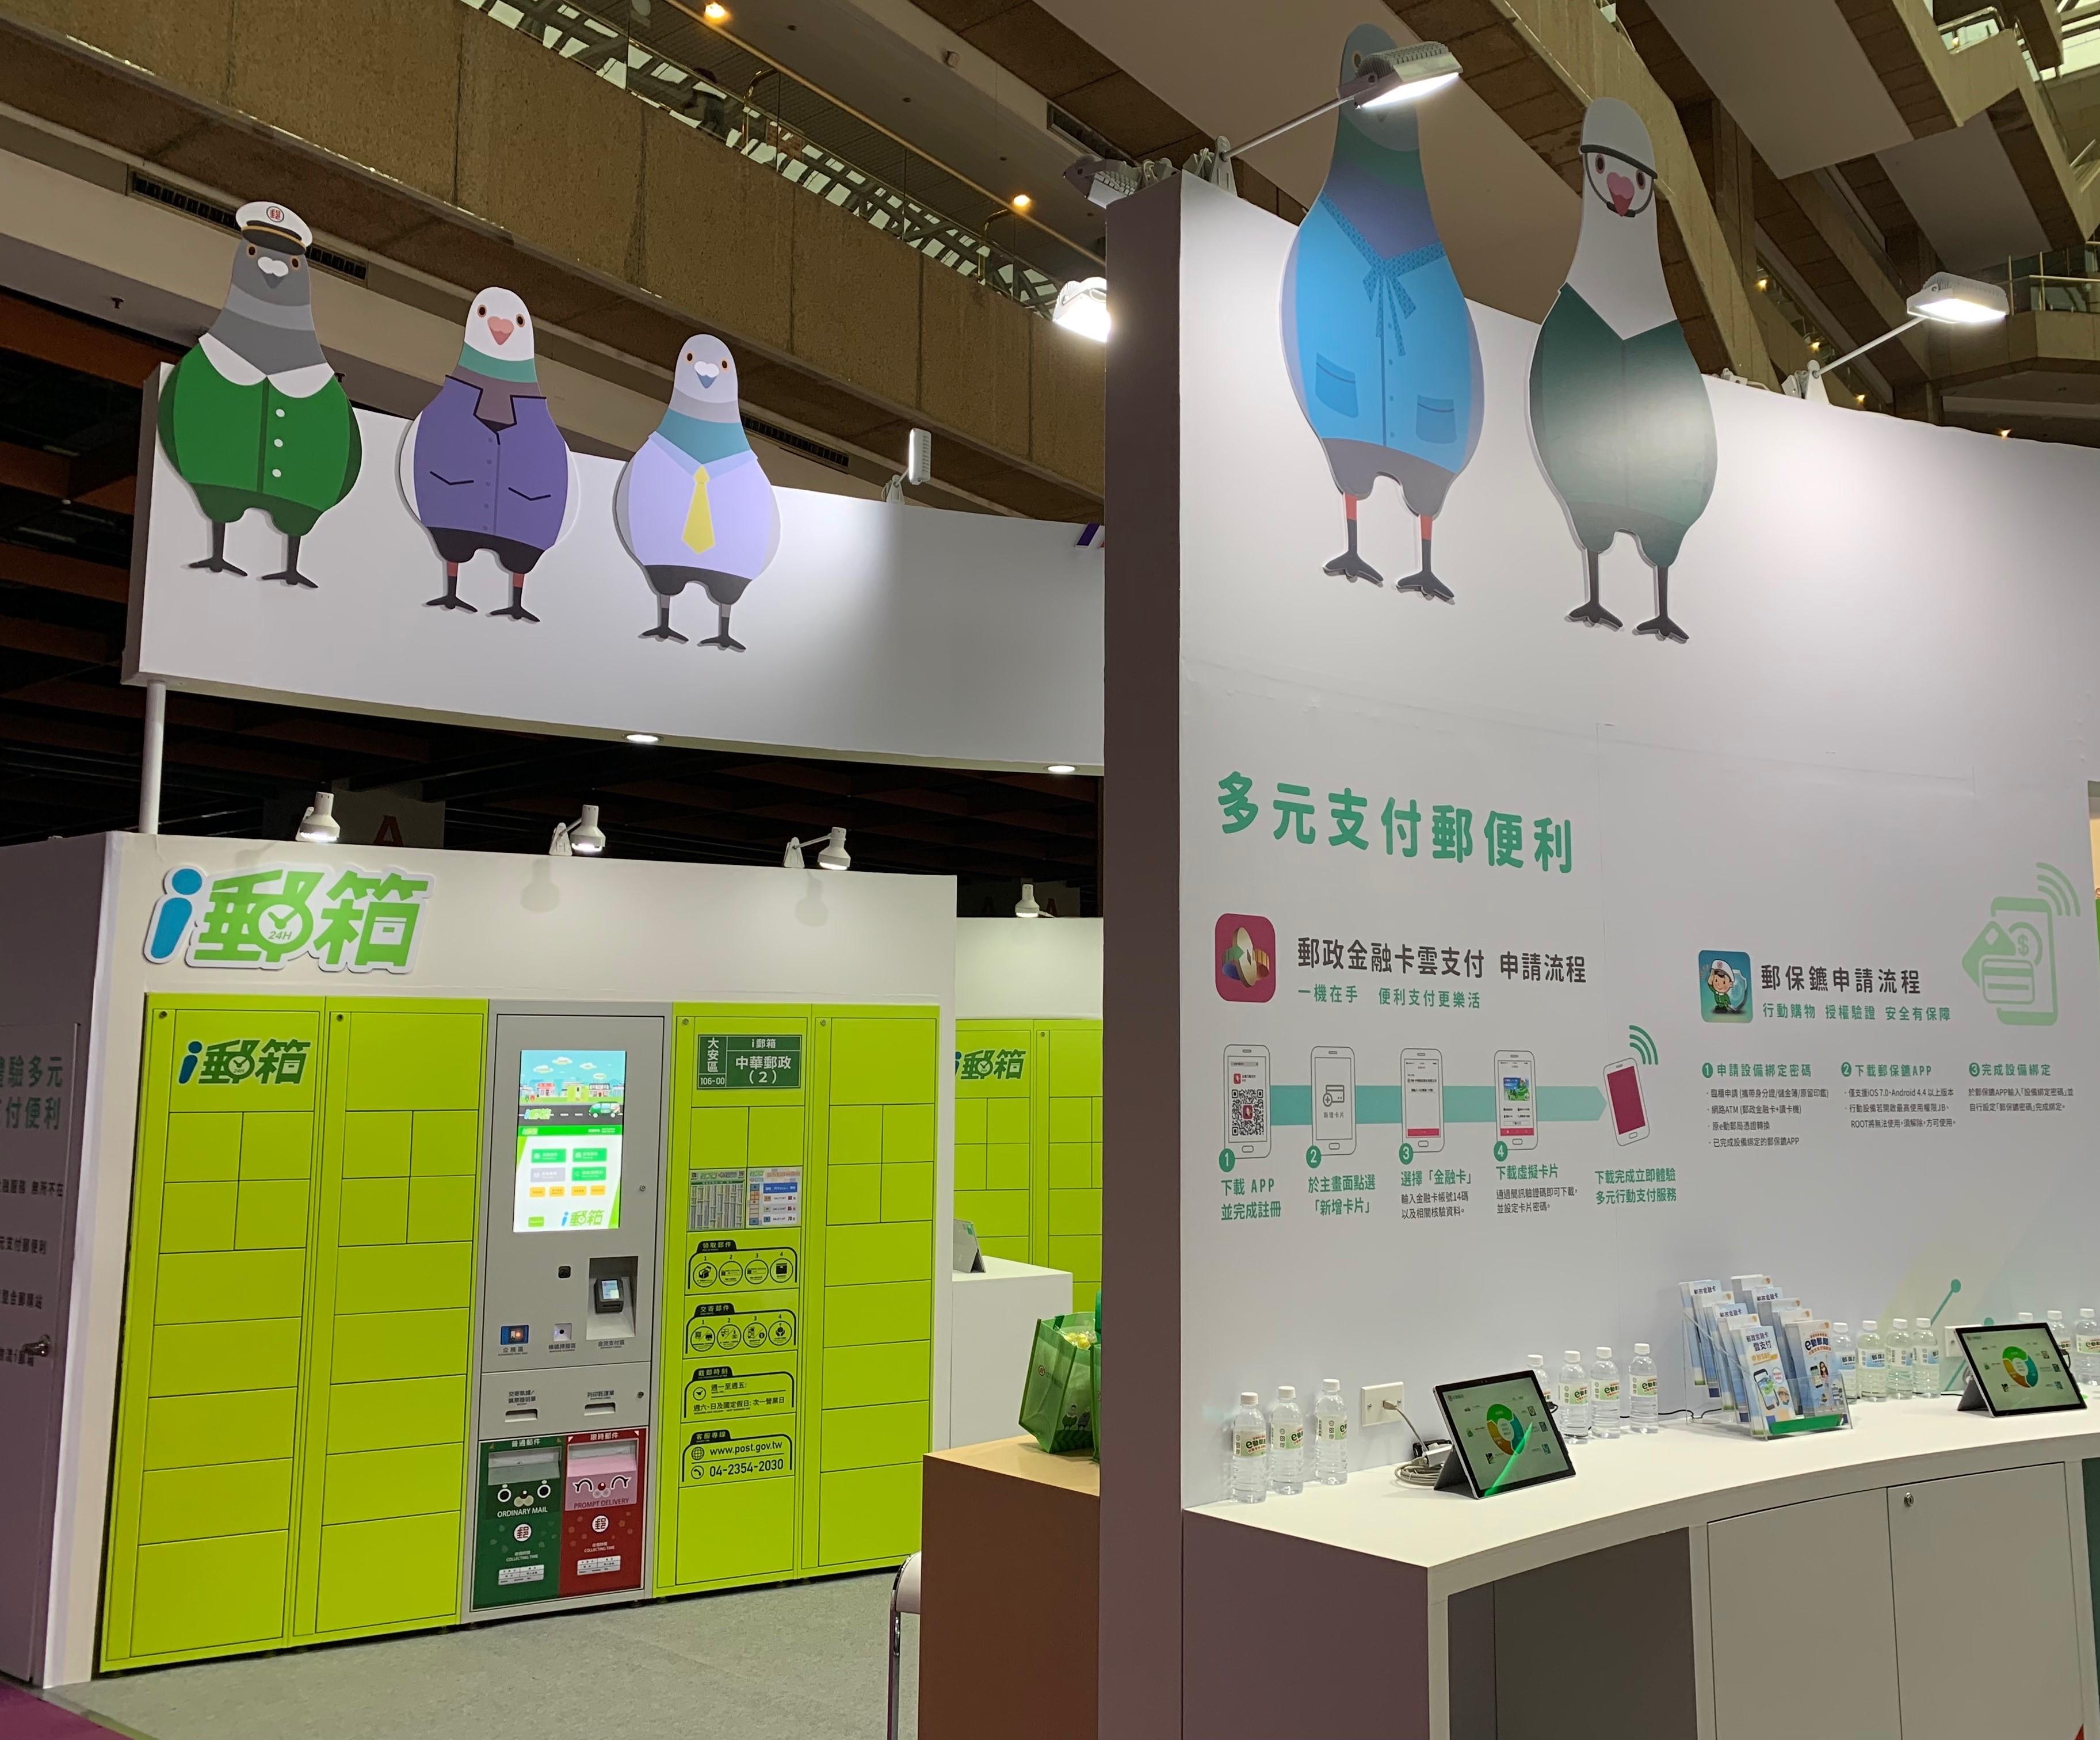 中華郵政參加Fintech Taipei 2019台北金融科技展  展示郵政數位金融生態圈概念